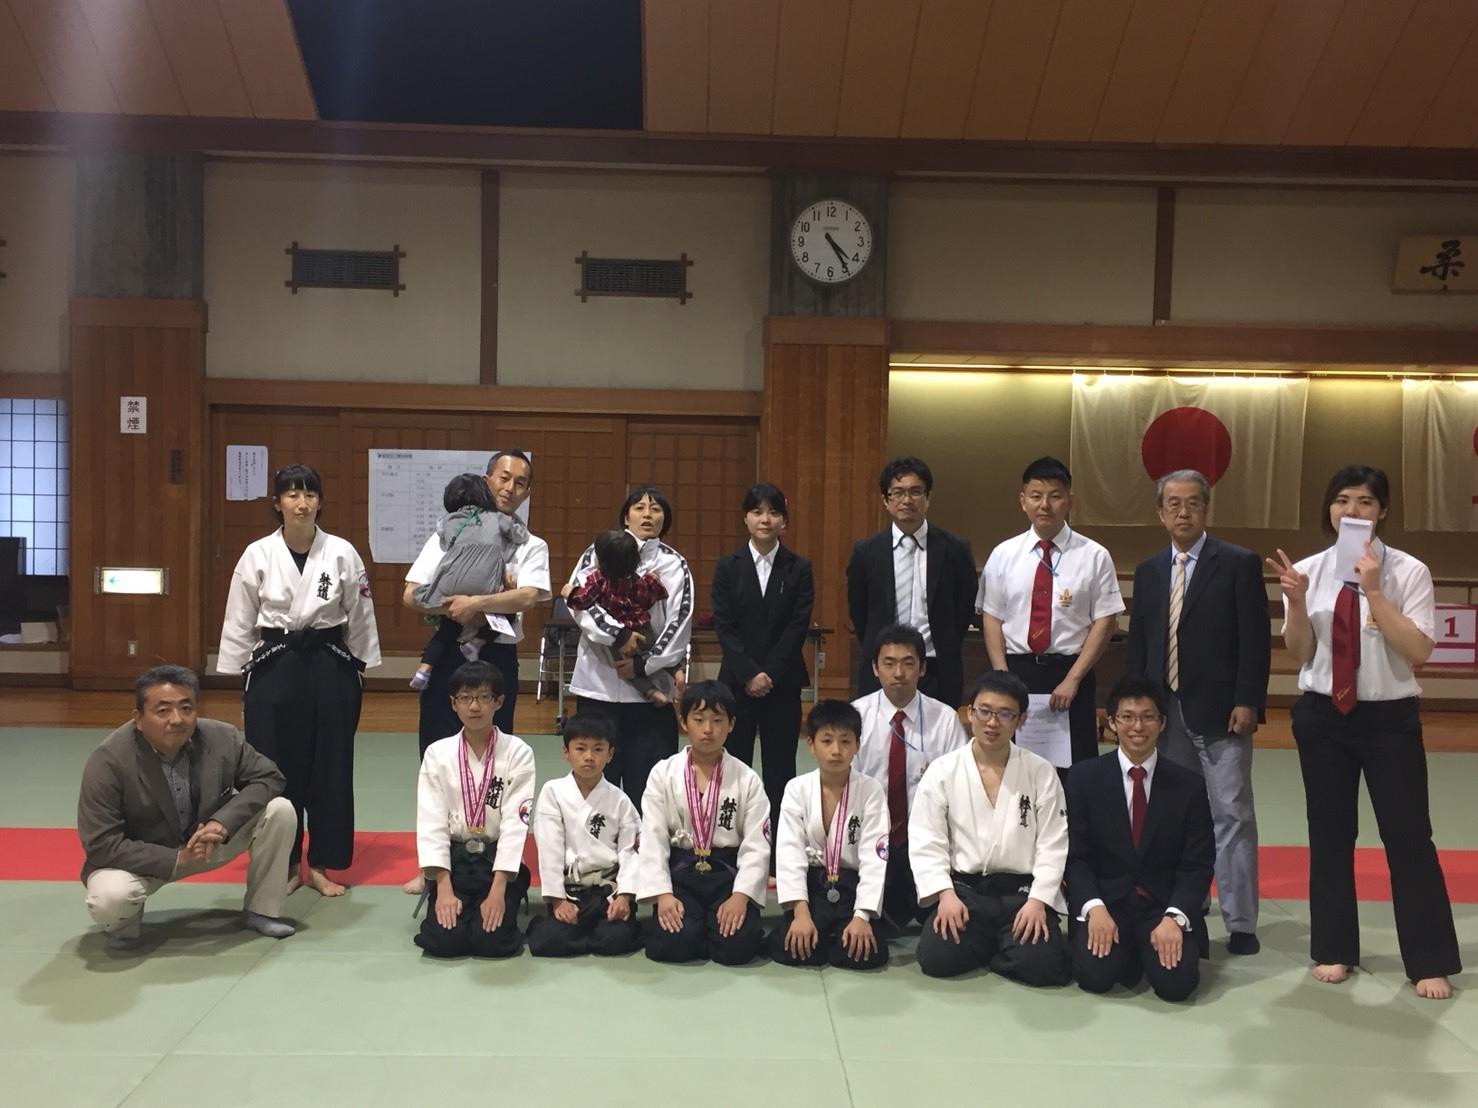 第二回神奈川県躰道優勝大会_e0036153_14390883.jpg